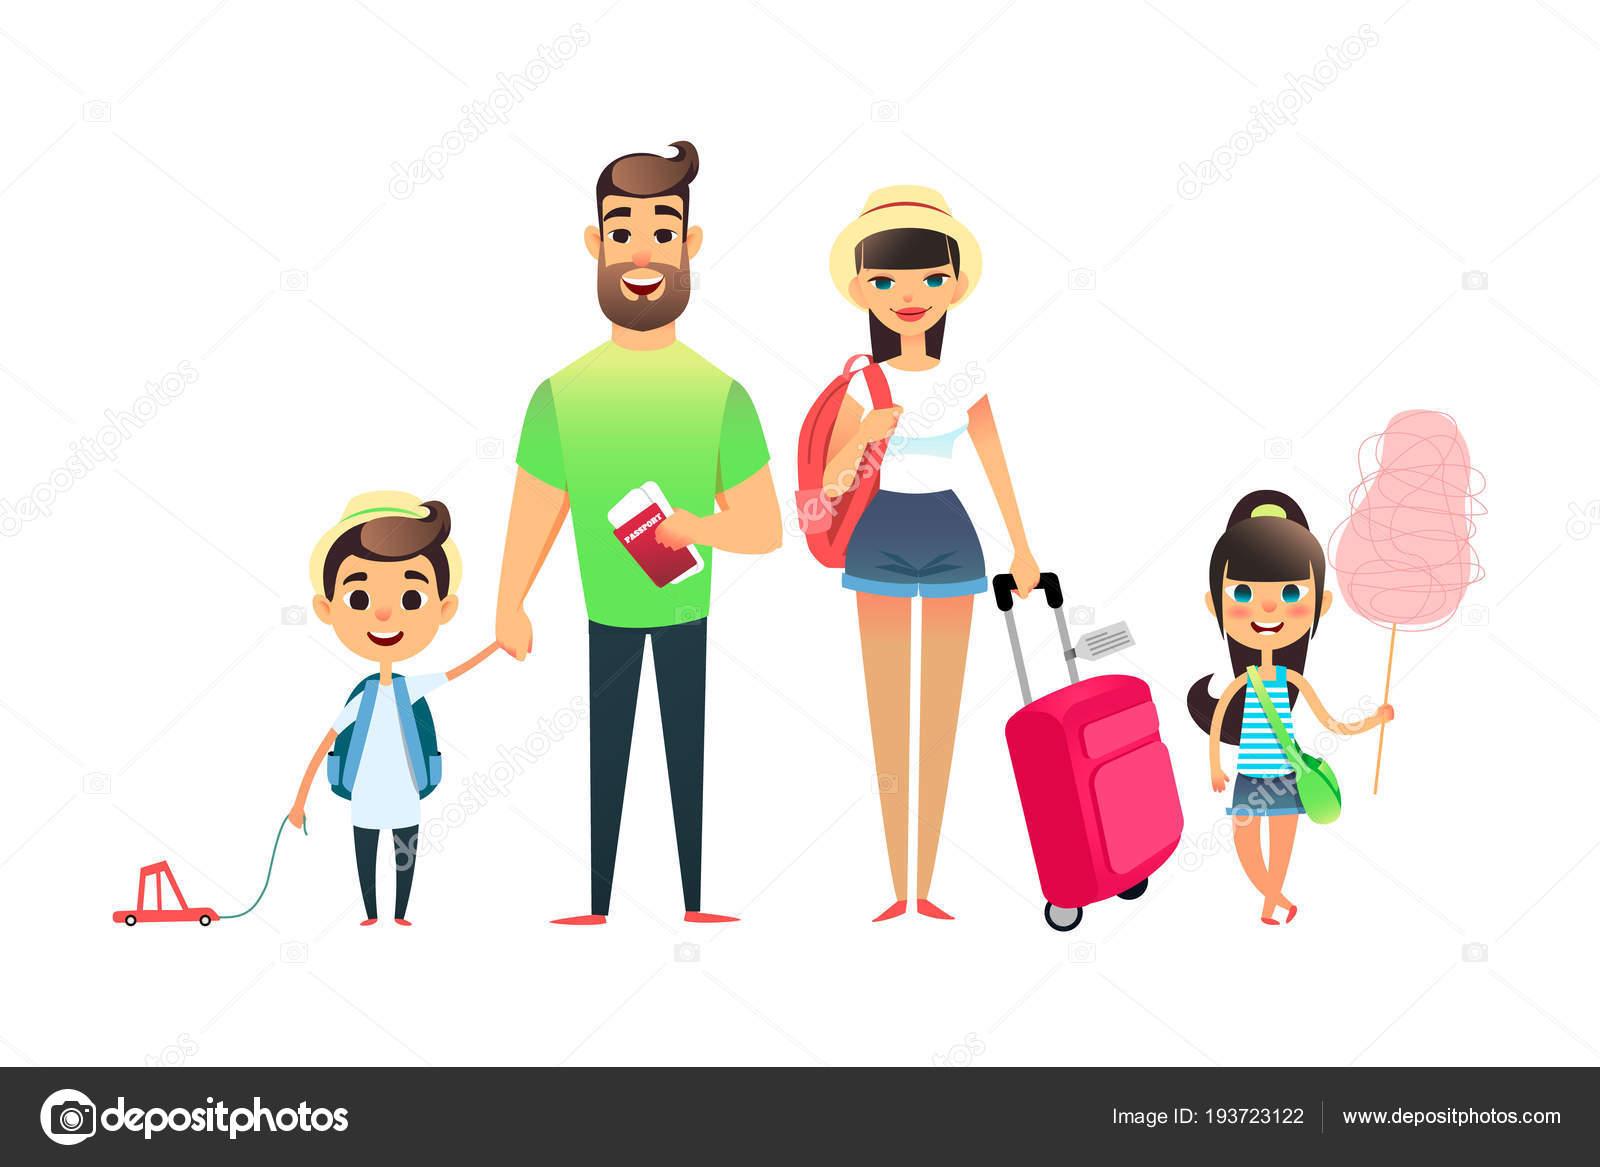 Imágenes Personas Viajando En Avion: Imágenes: Familia Viajando Animadas